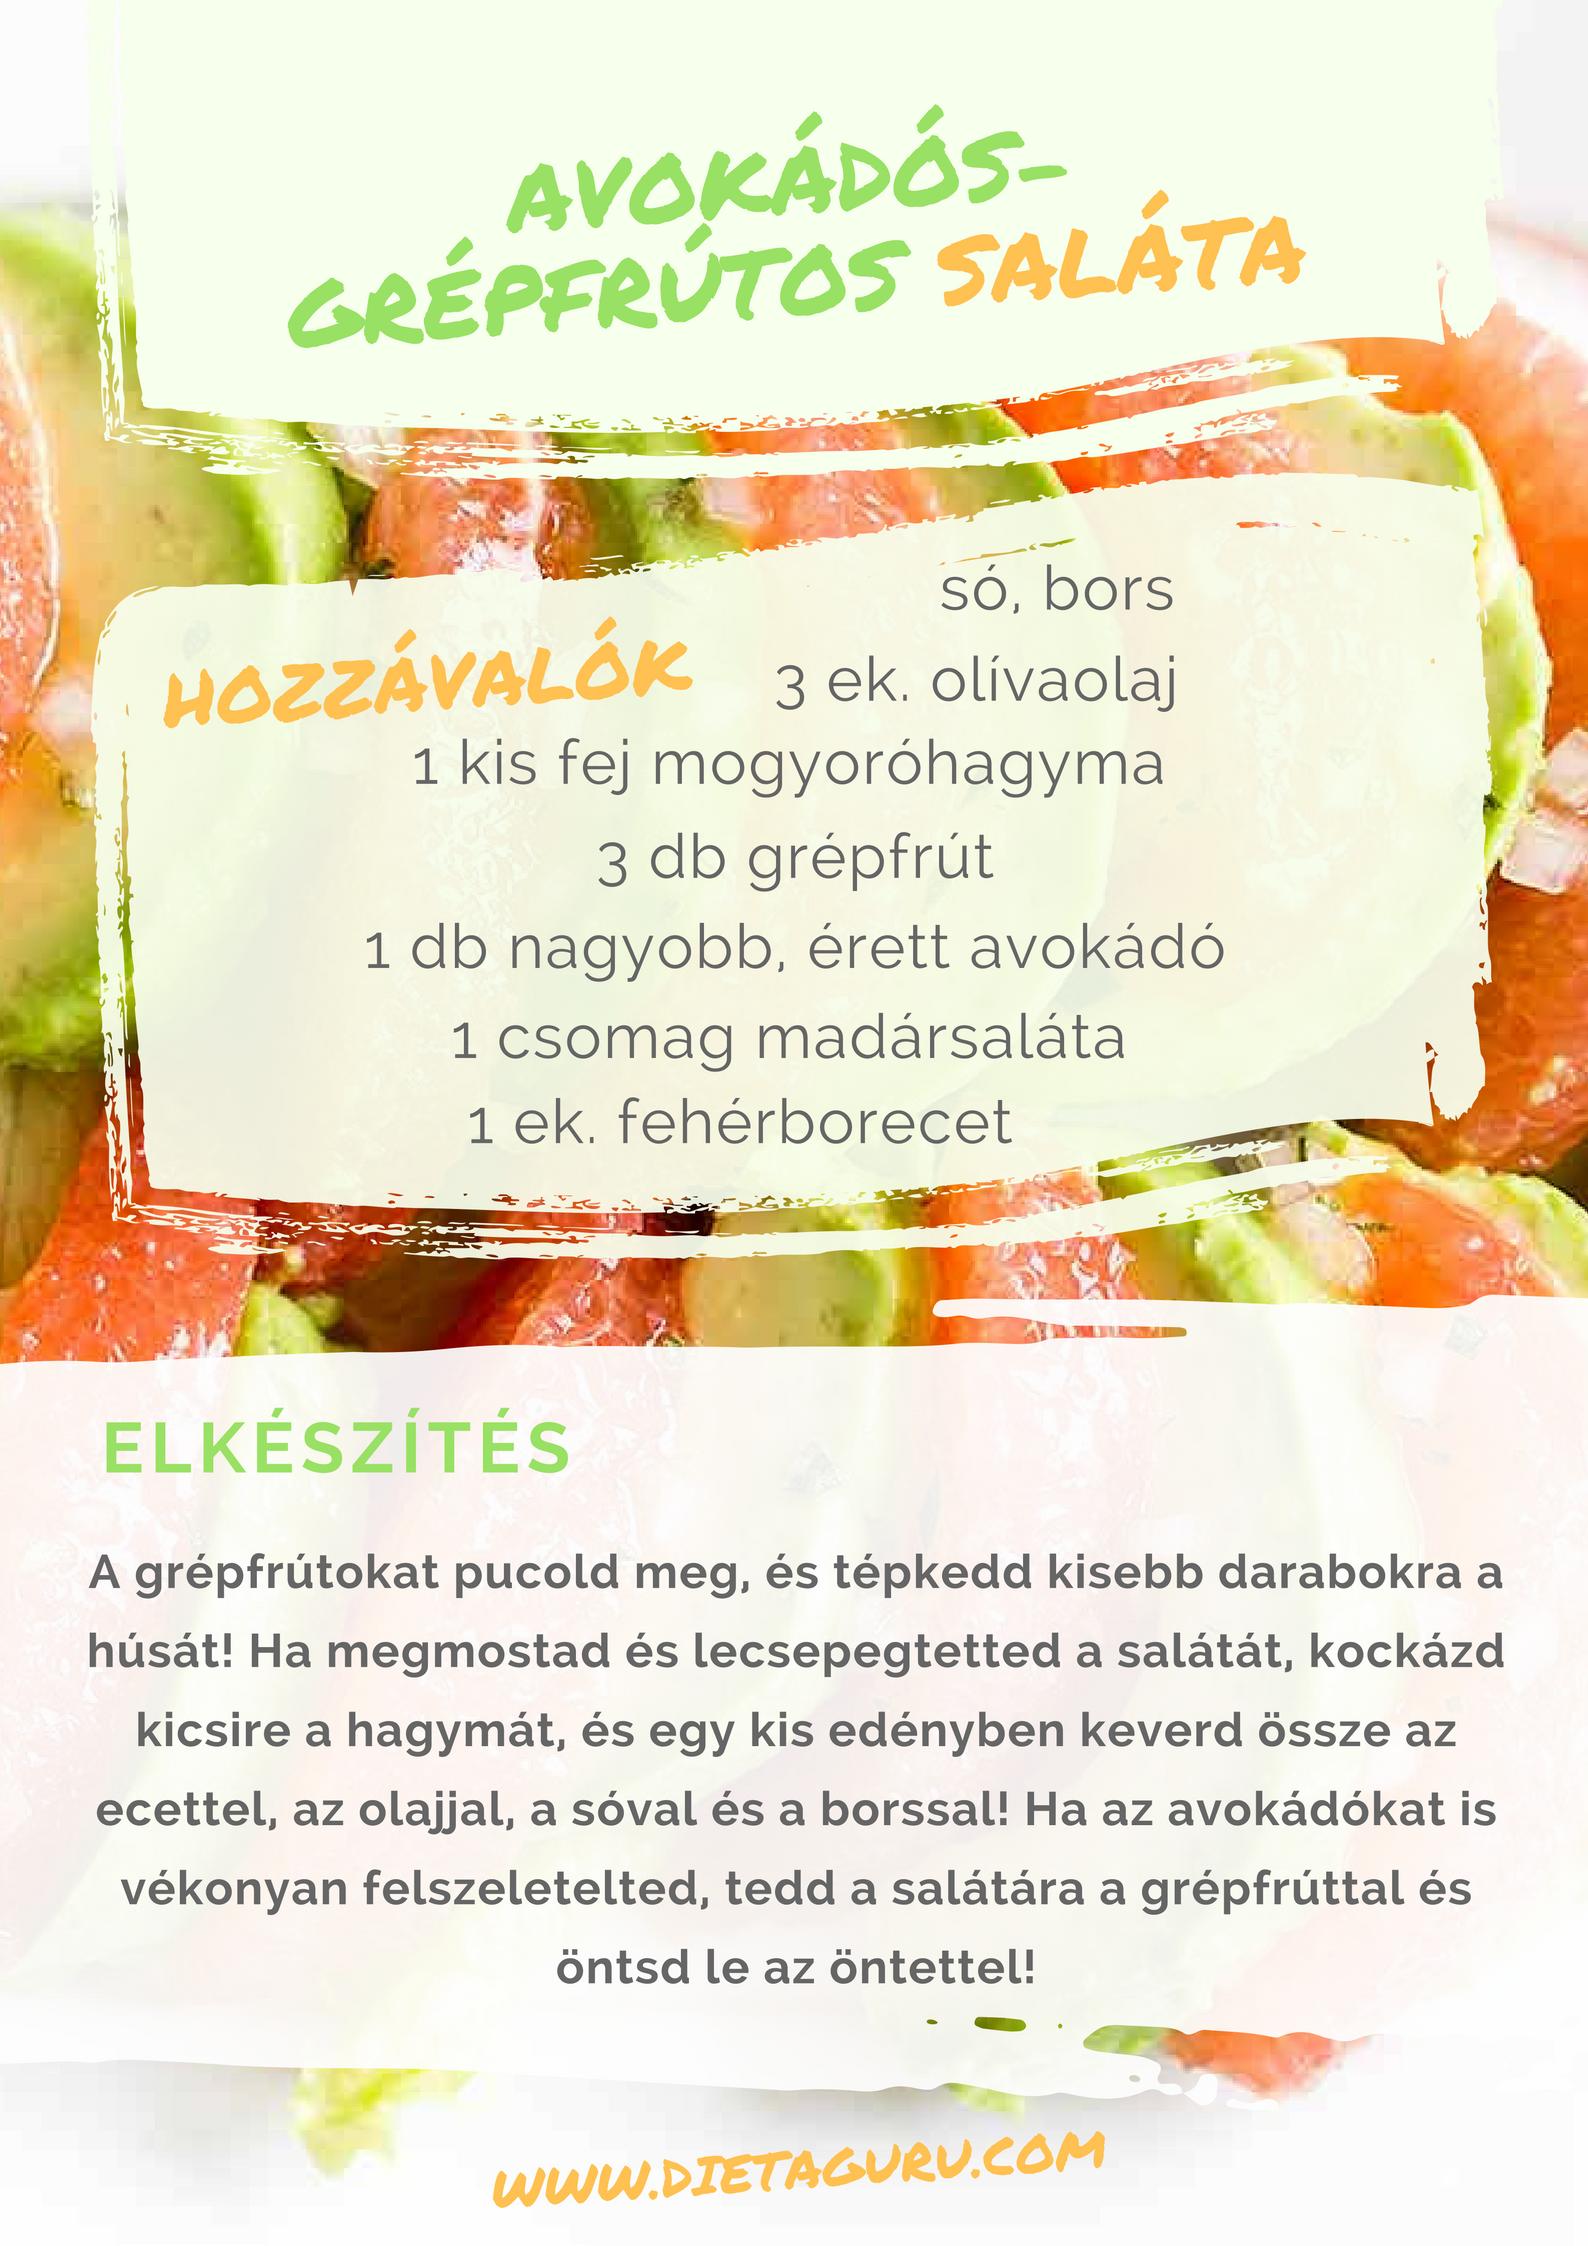 grépfrútos-avokádóssaláta.png